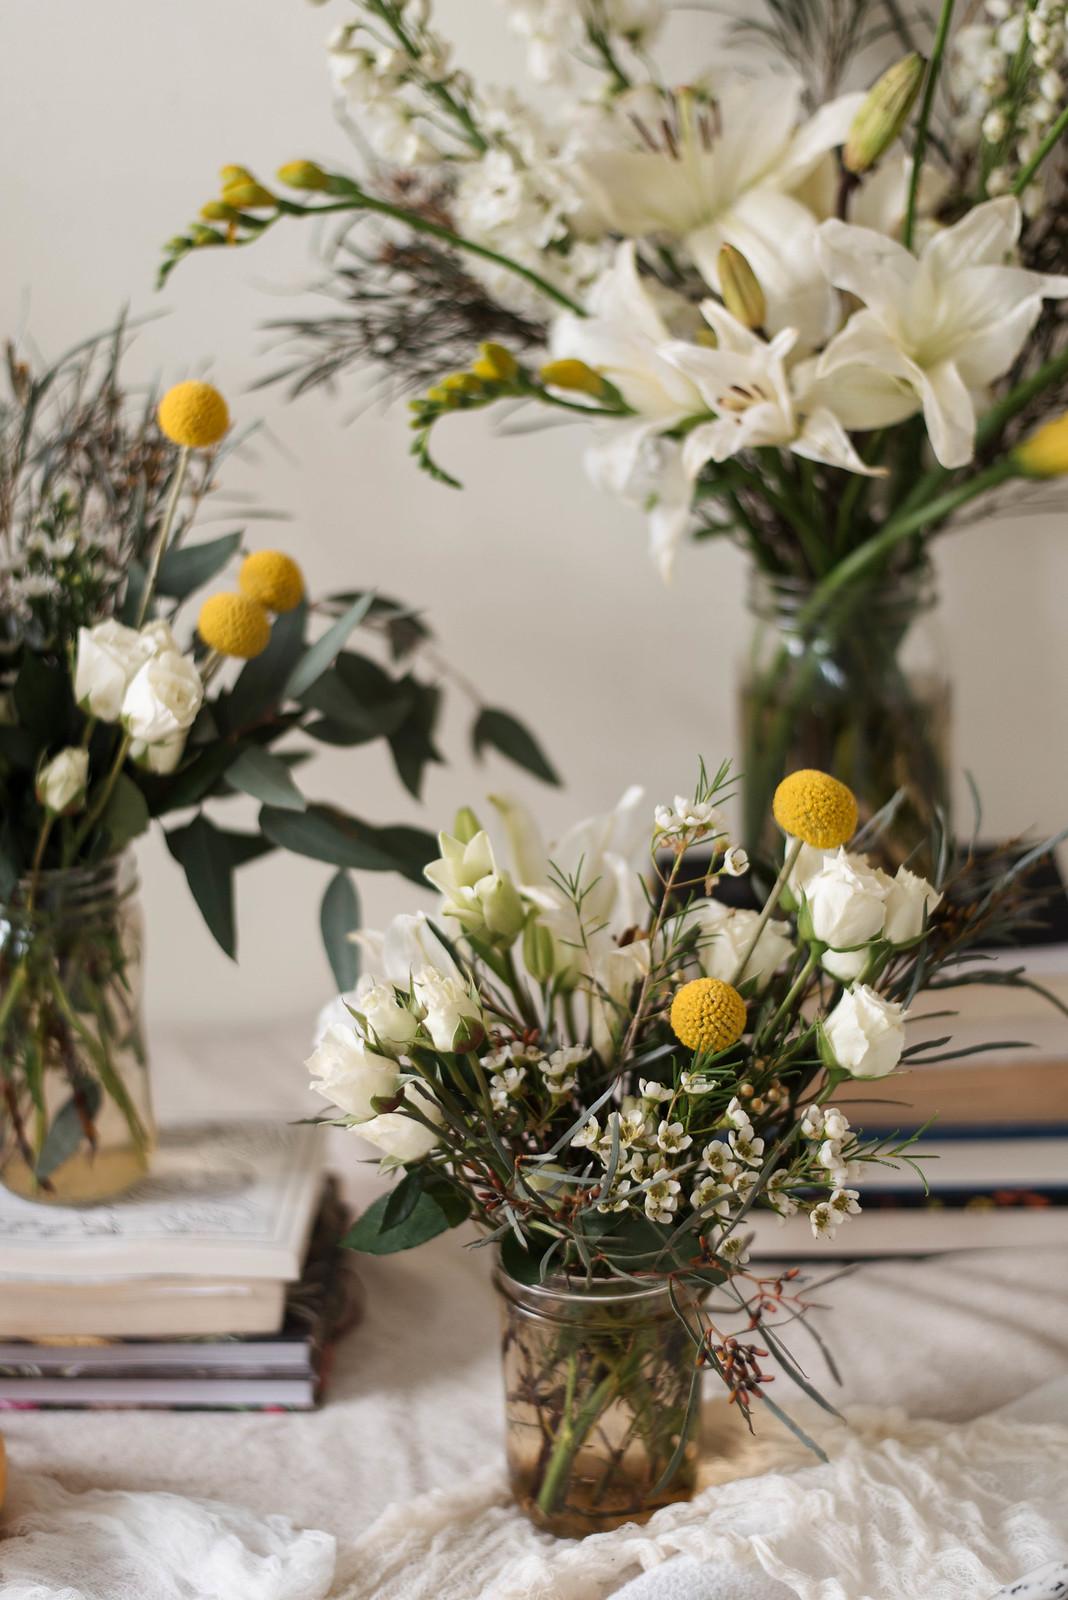 Chic Unique Elegant Floral Arrangements on juliettelaura.blogspot.comChic Unique Elegant Floral Arrangements on juliettelaura.blogspot.com